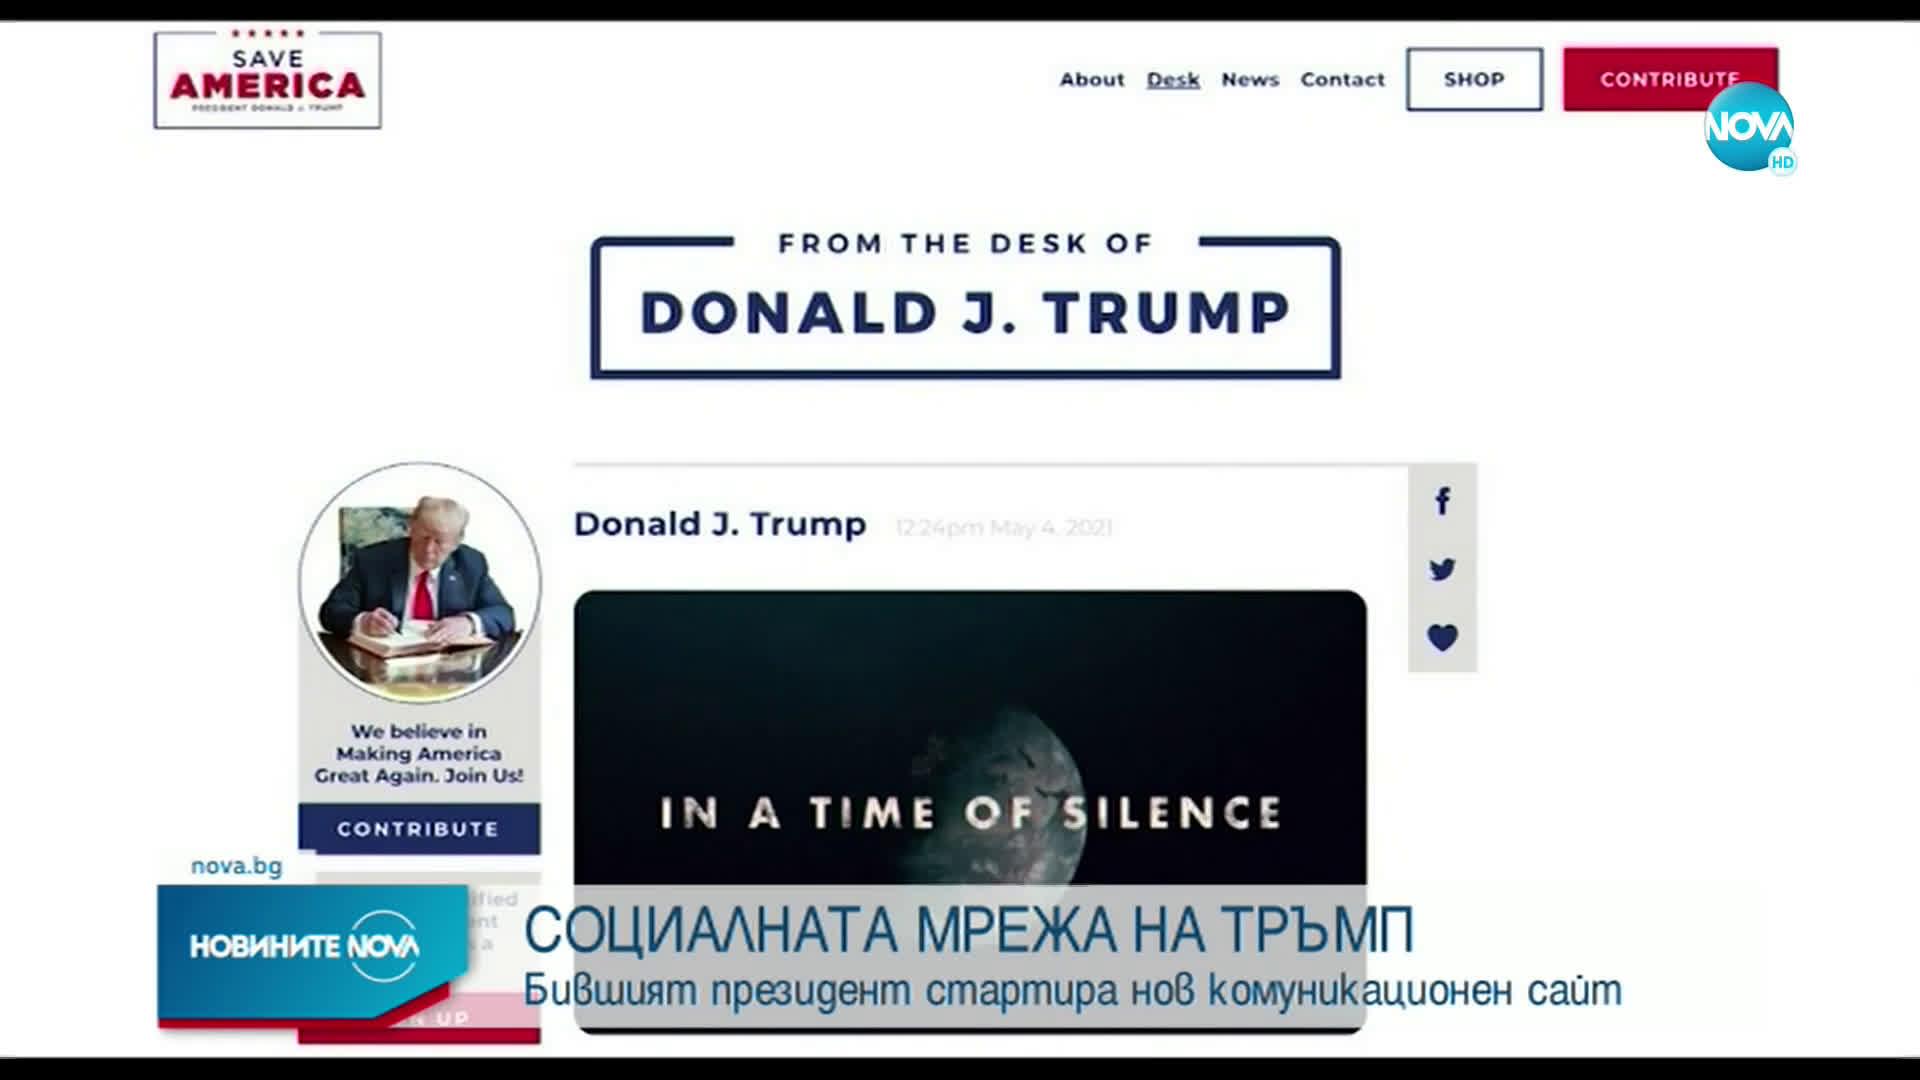 СОЦИАЛНАТА МРЕЖА НА ТРЪМП: Бившият президент стартира нов комуникационен сайт